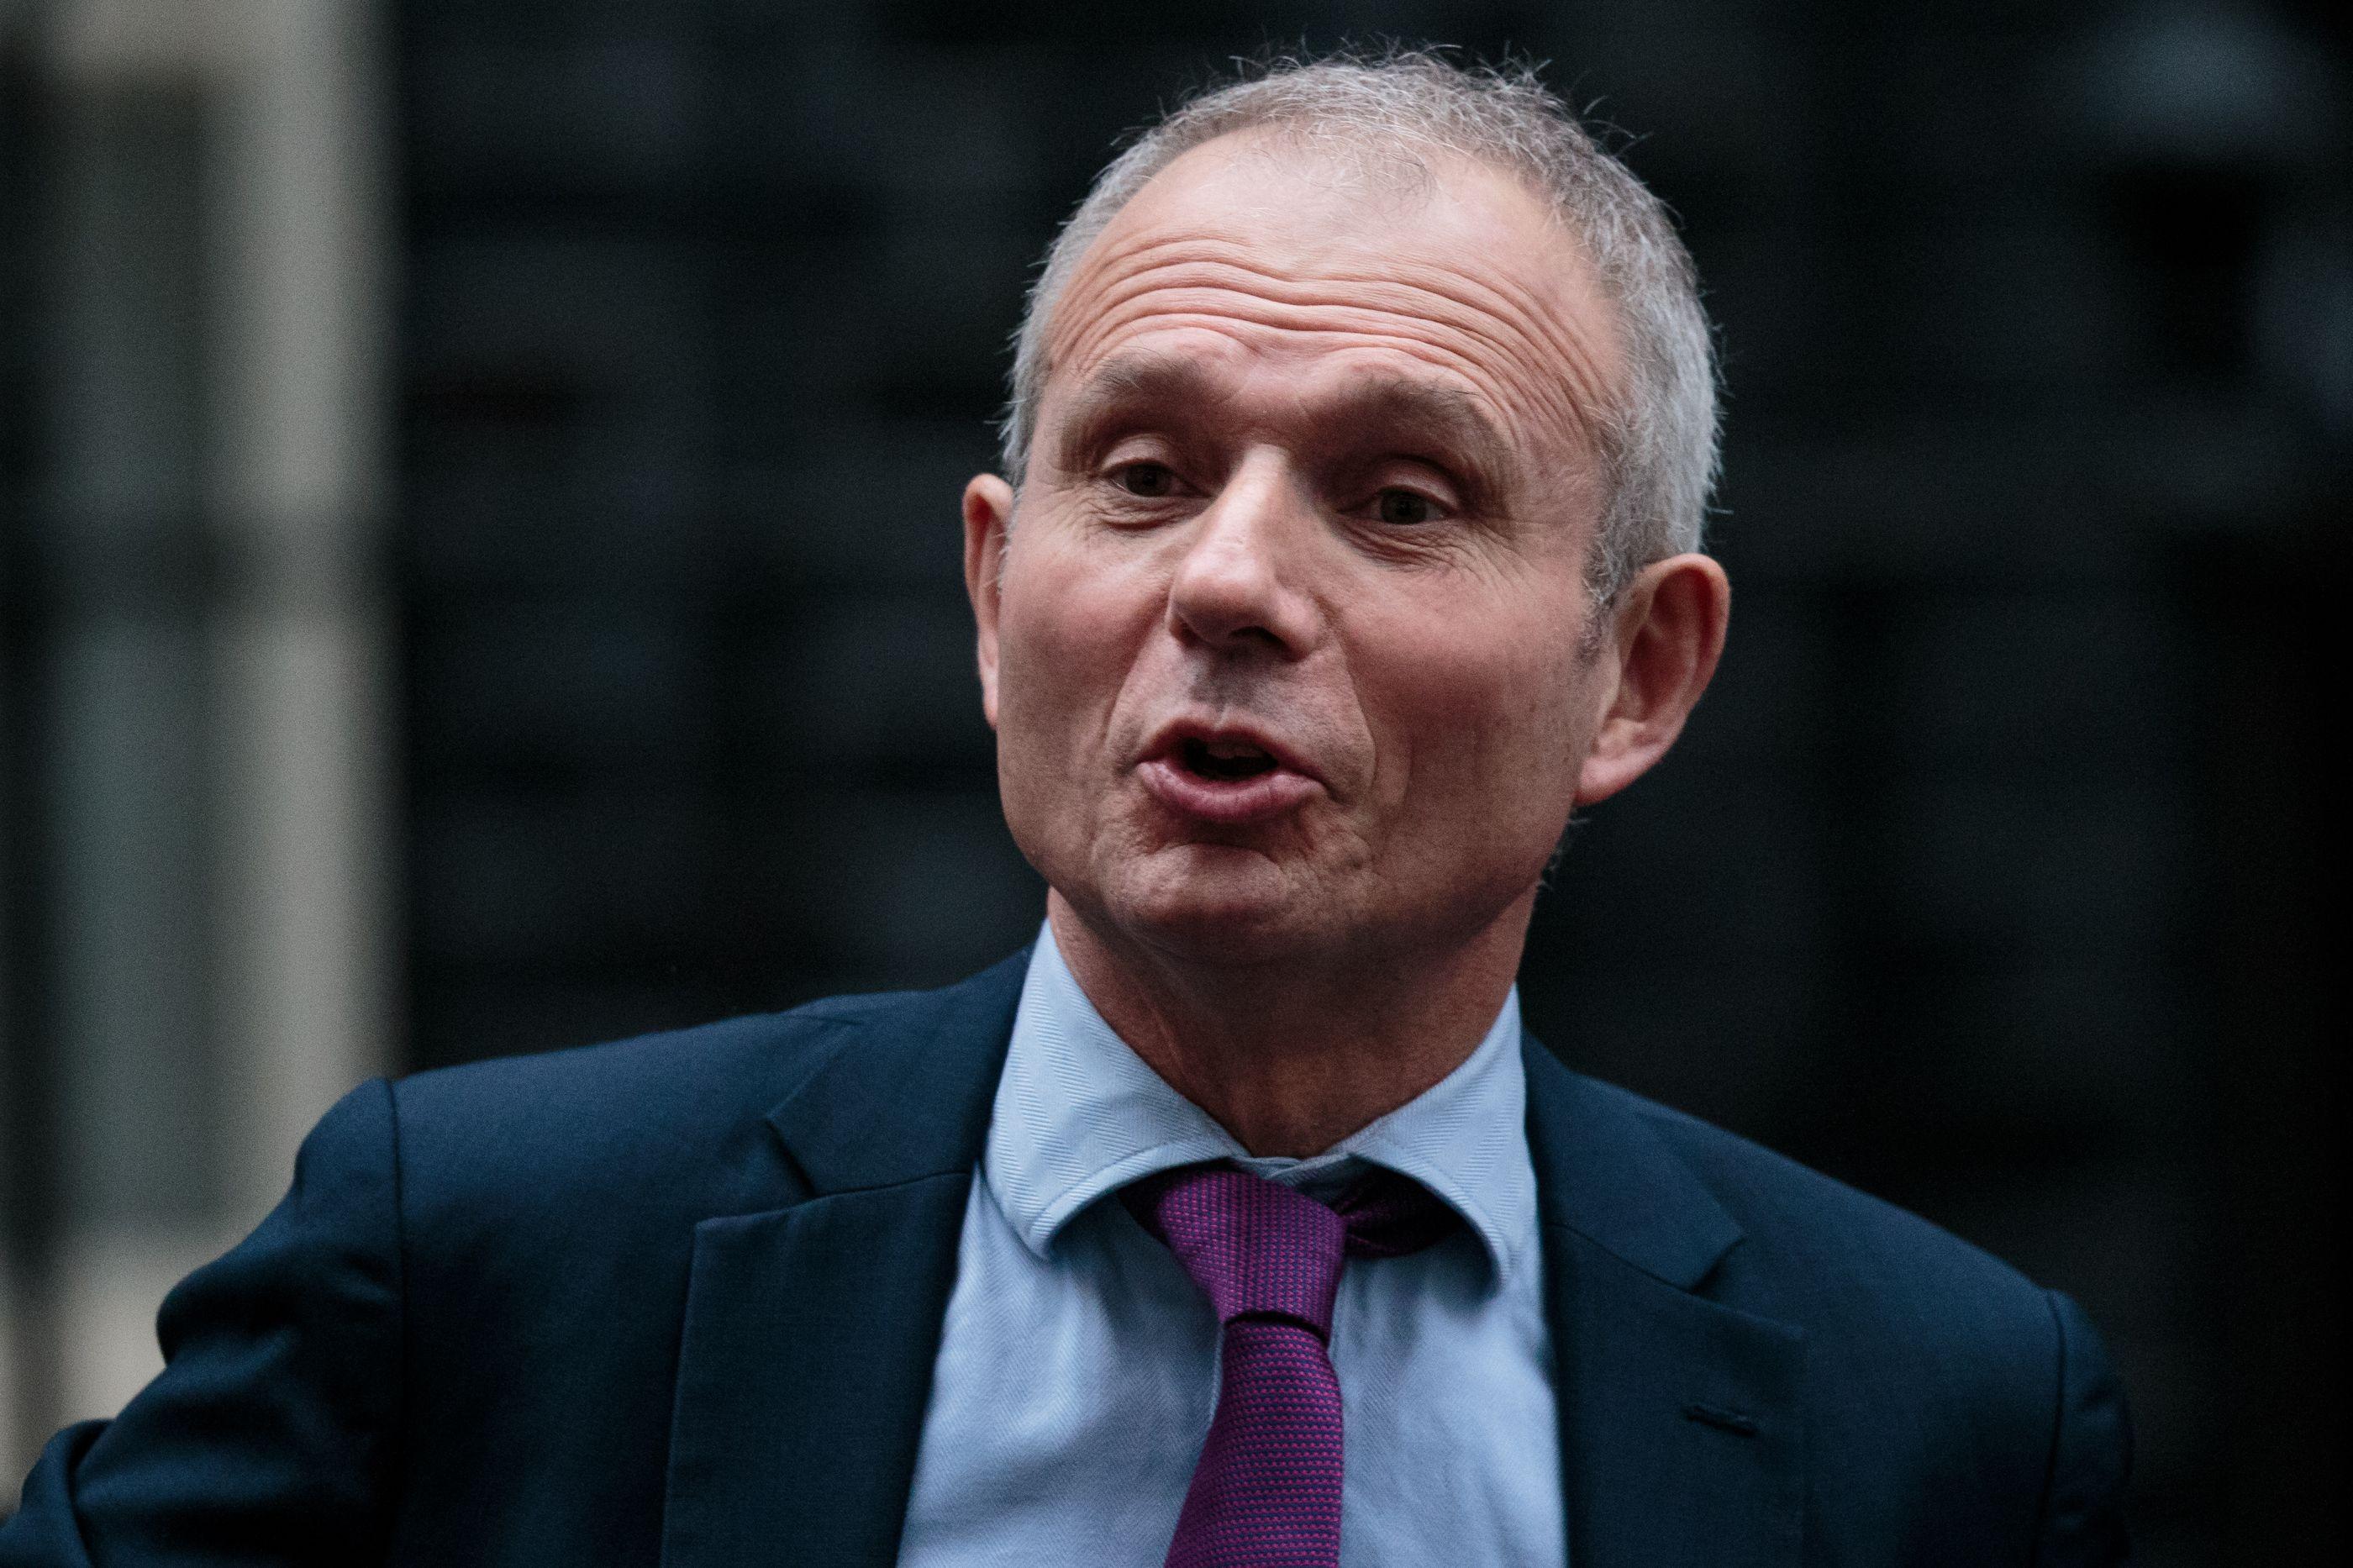 Acordo para o Brexit pode acontecer em 48 horas, diz governo britânico